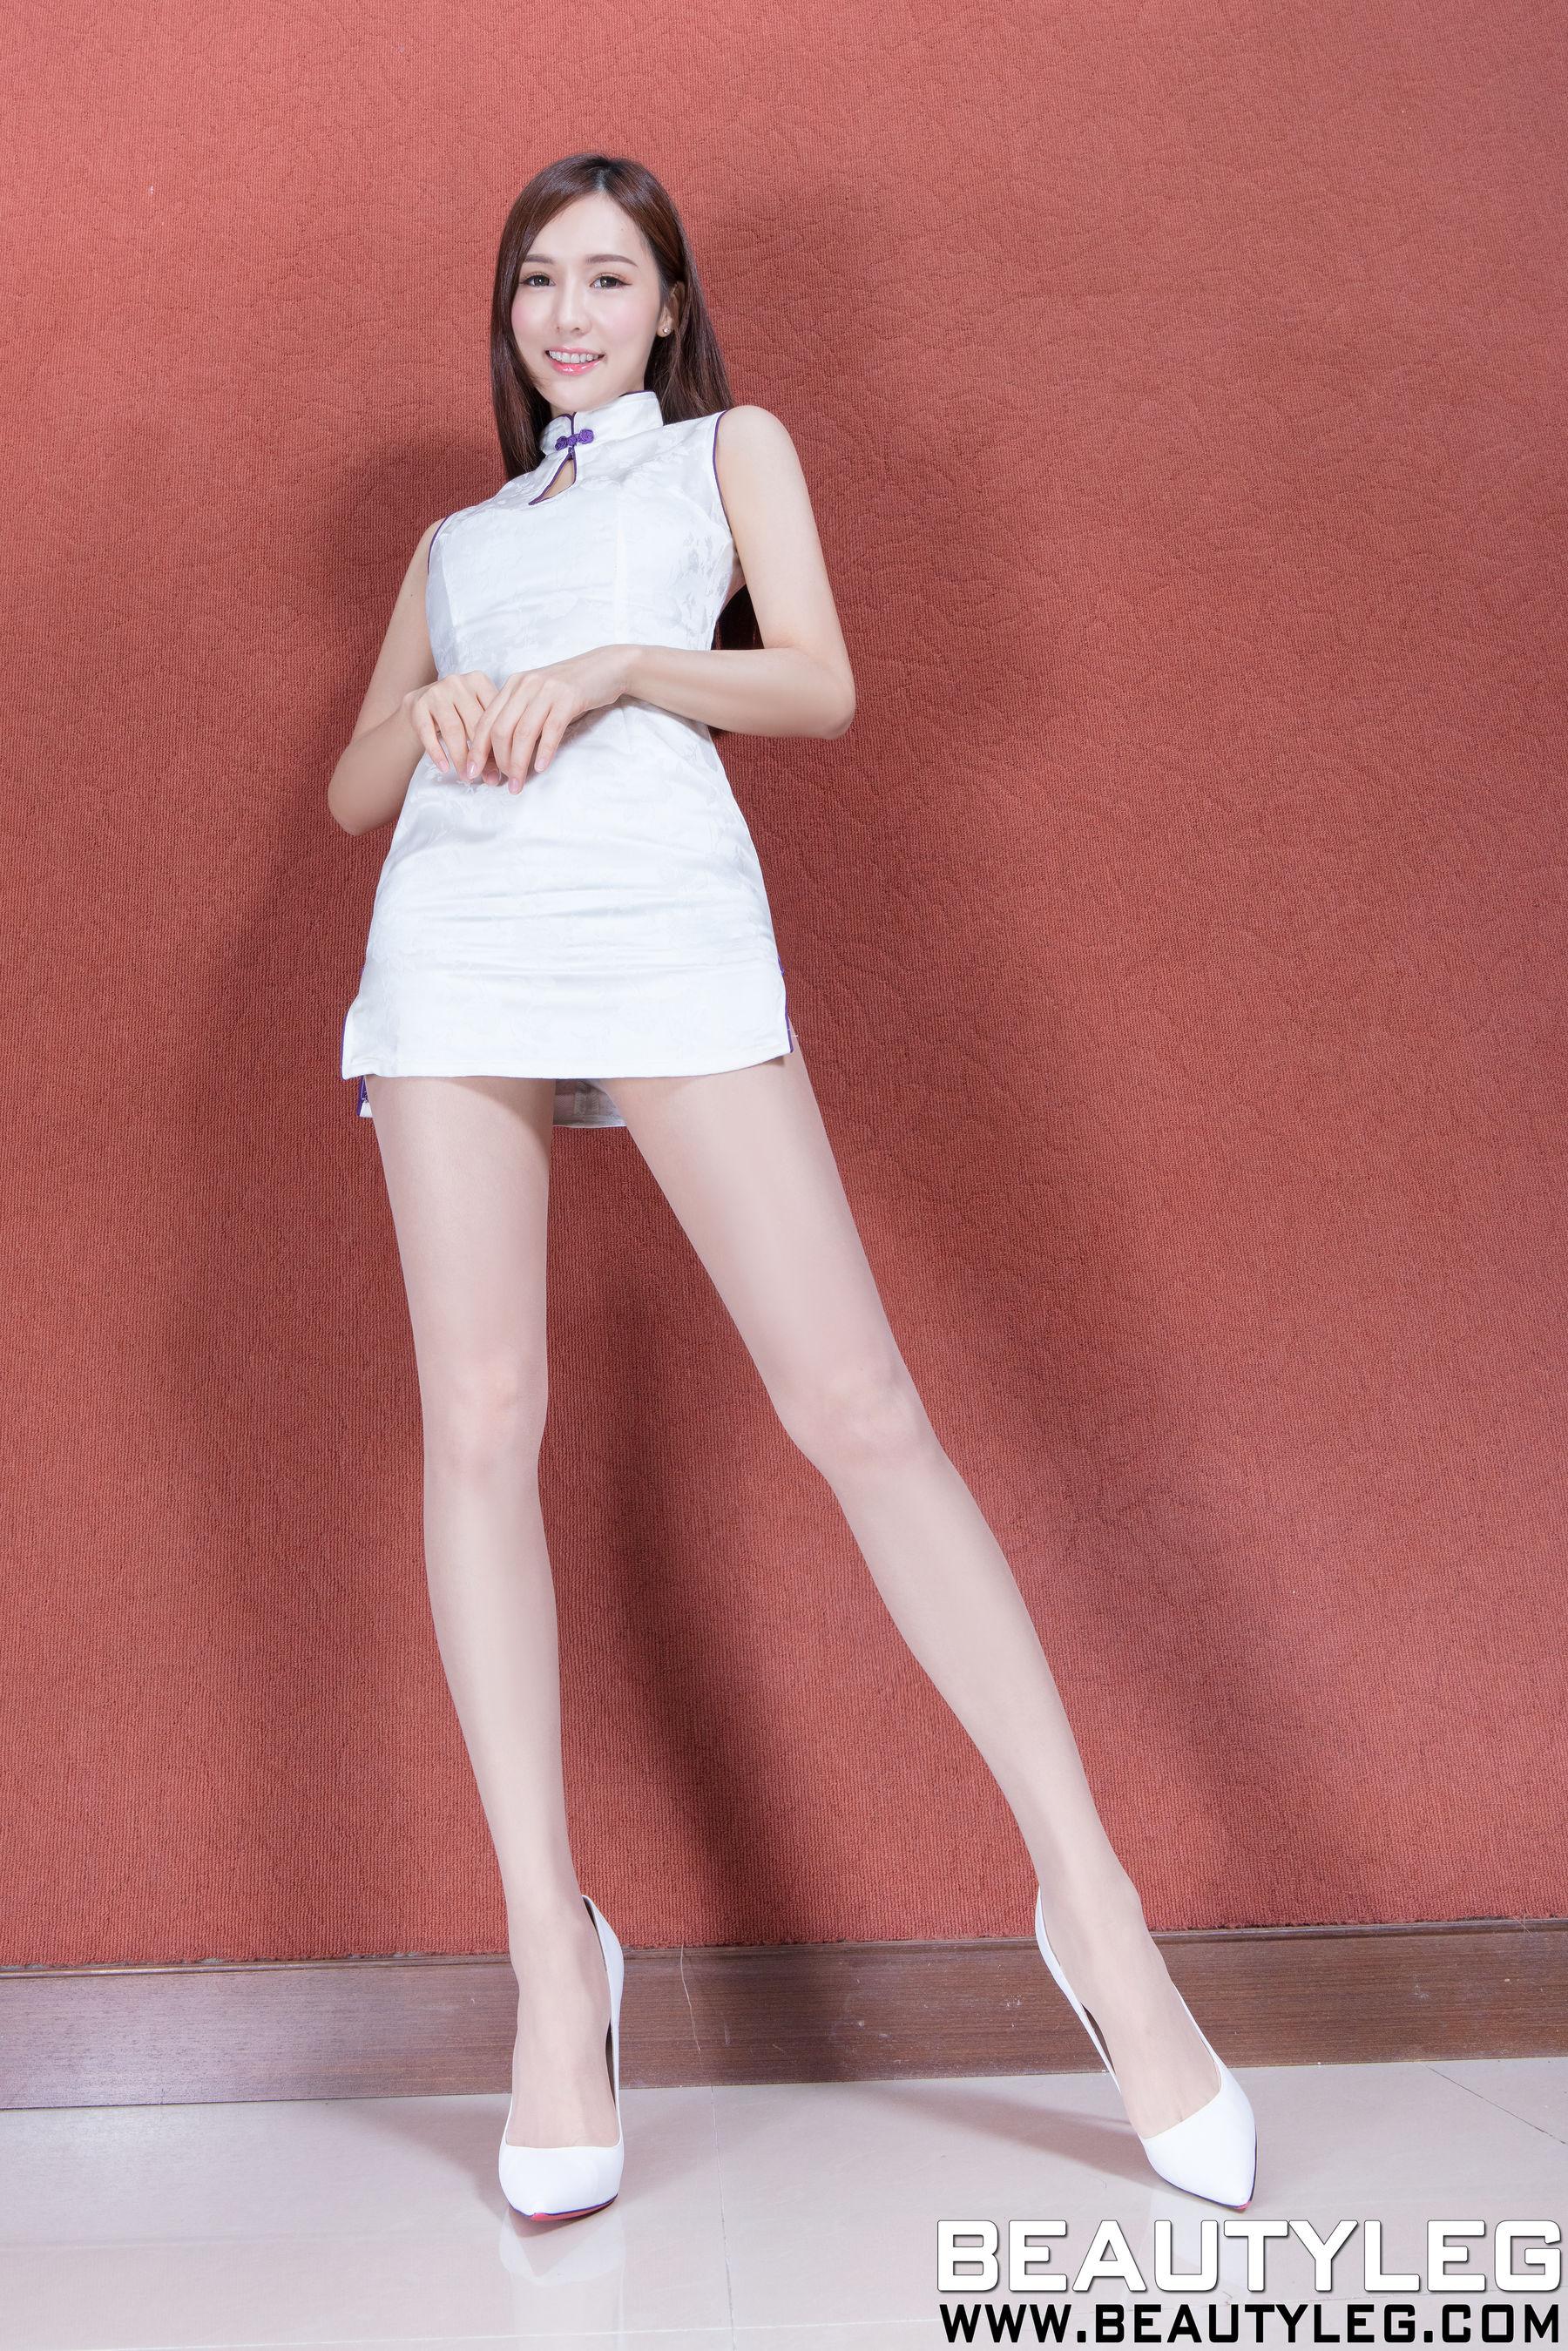 VOL.1481 [Beautyleg]美腿旗袍高跟肉丝袜:腿模Amber(Beautyleg Amber)超高清个人性感漂亮大图(50P)